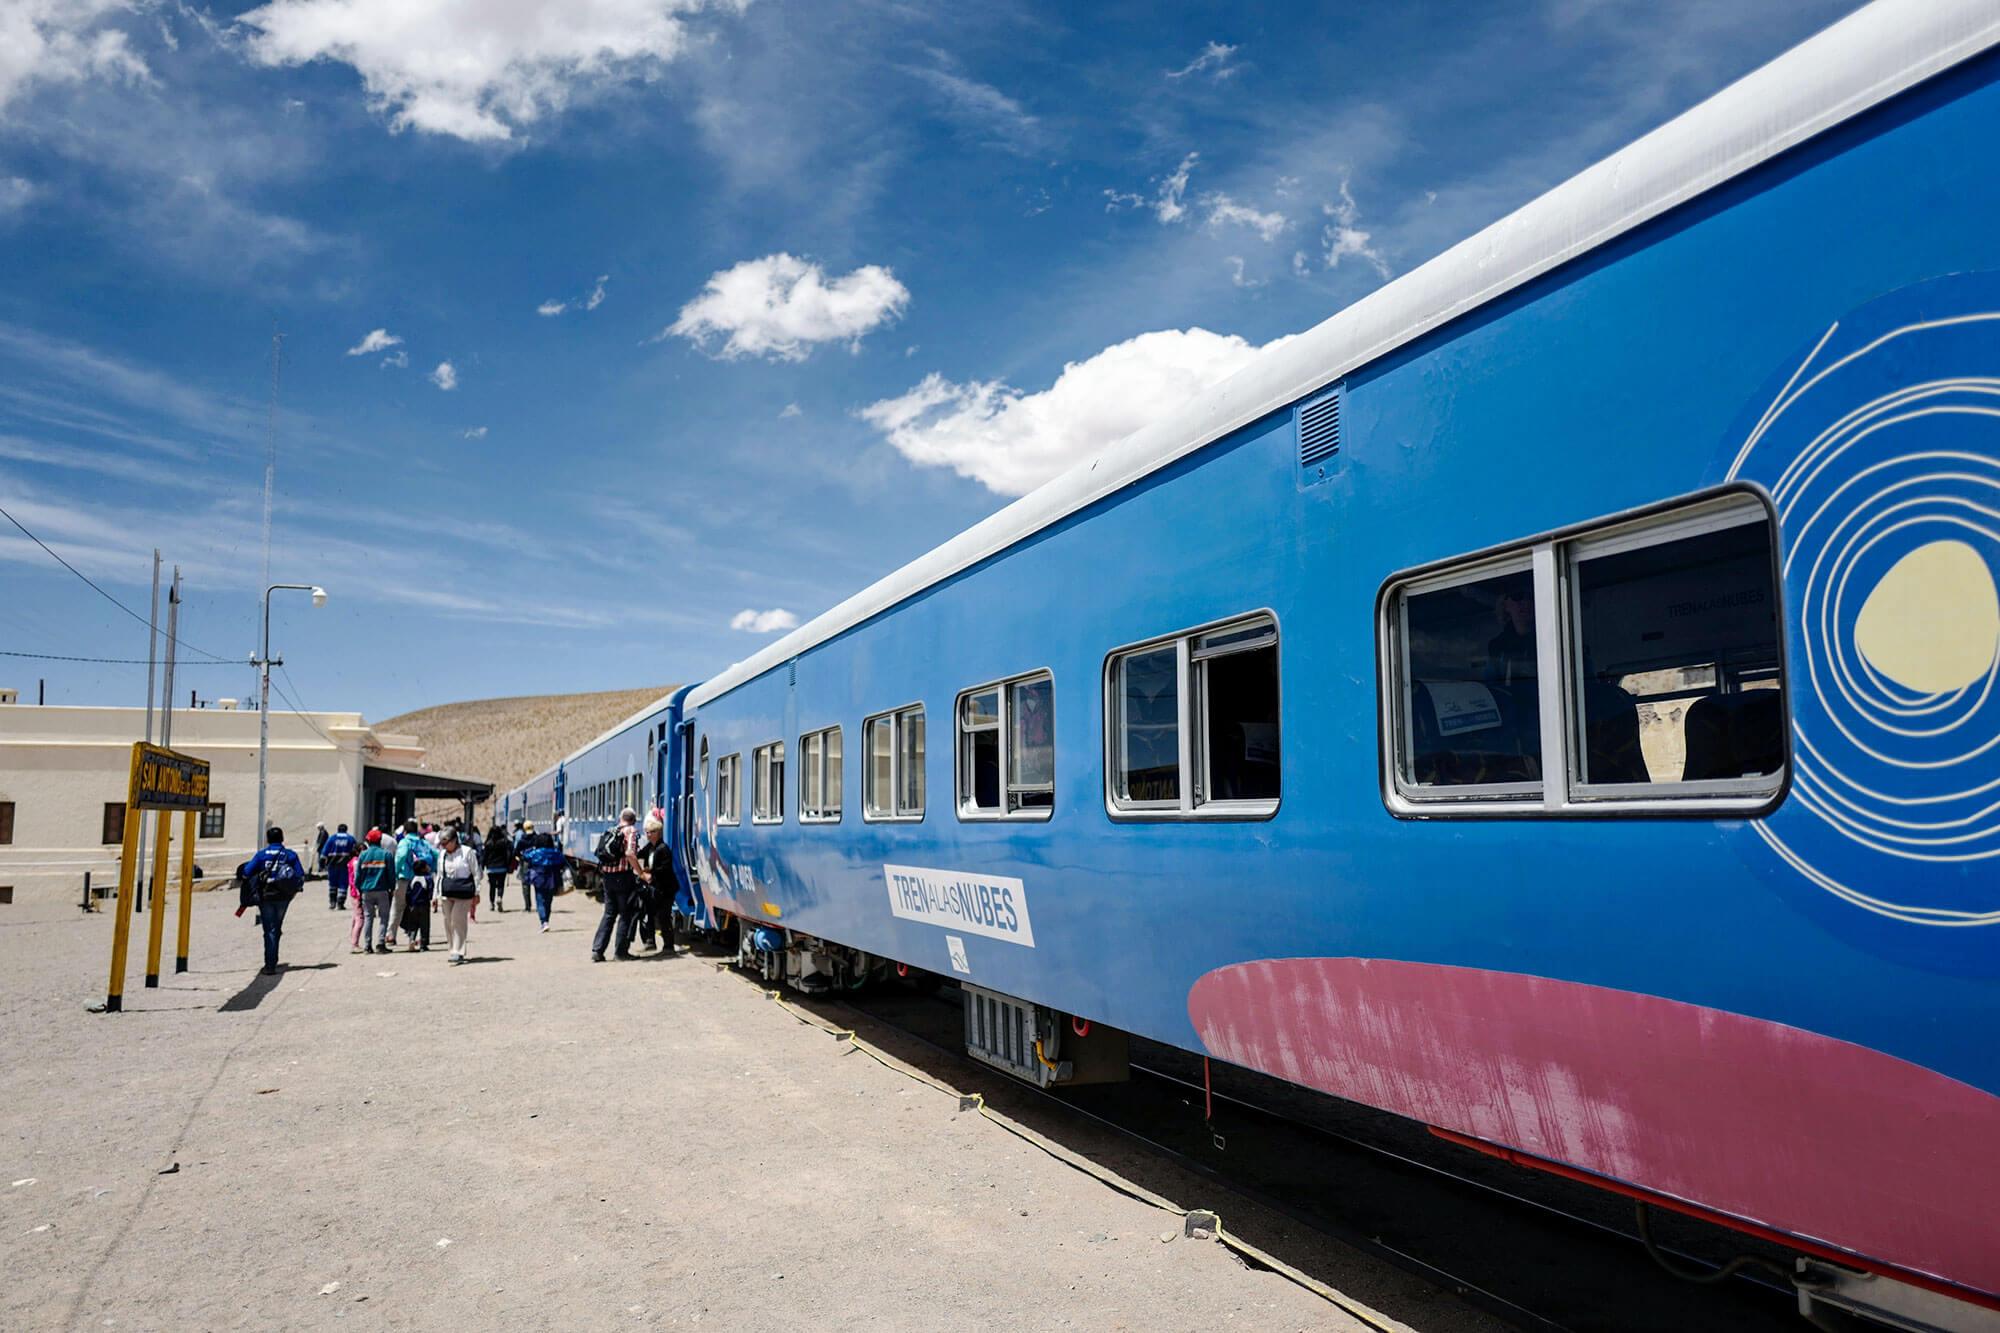 Tren a las Nubes at the Railway Station of San Antonio de los Cobres